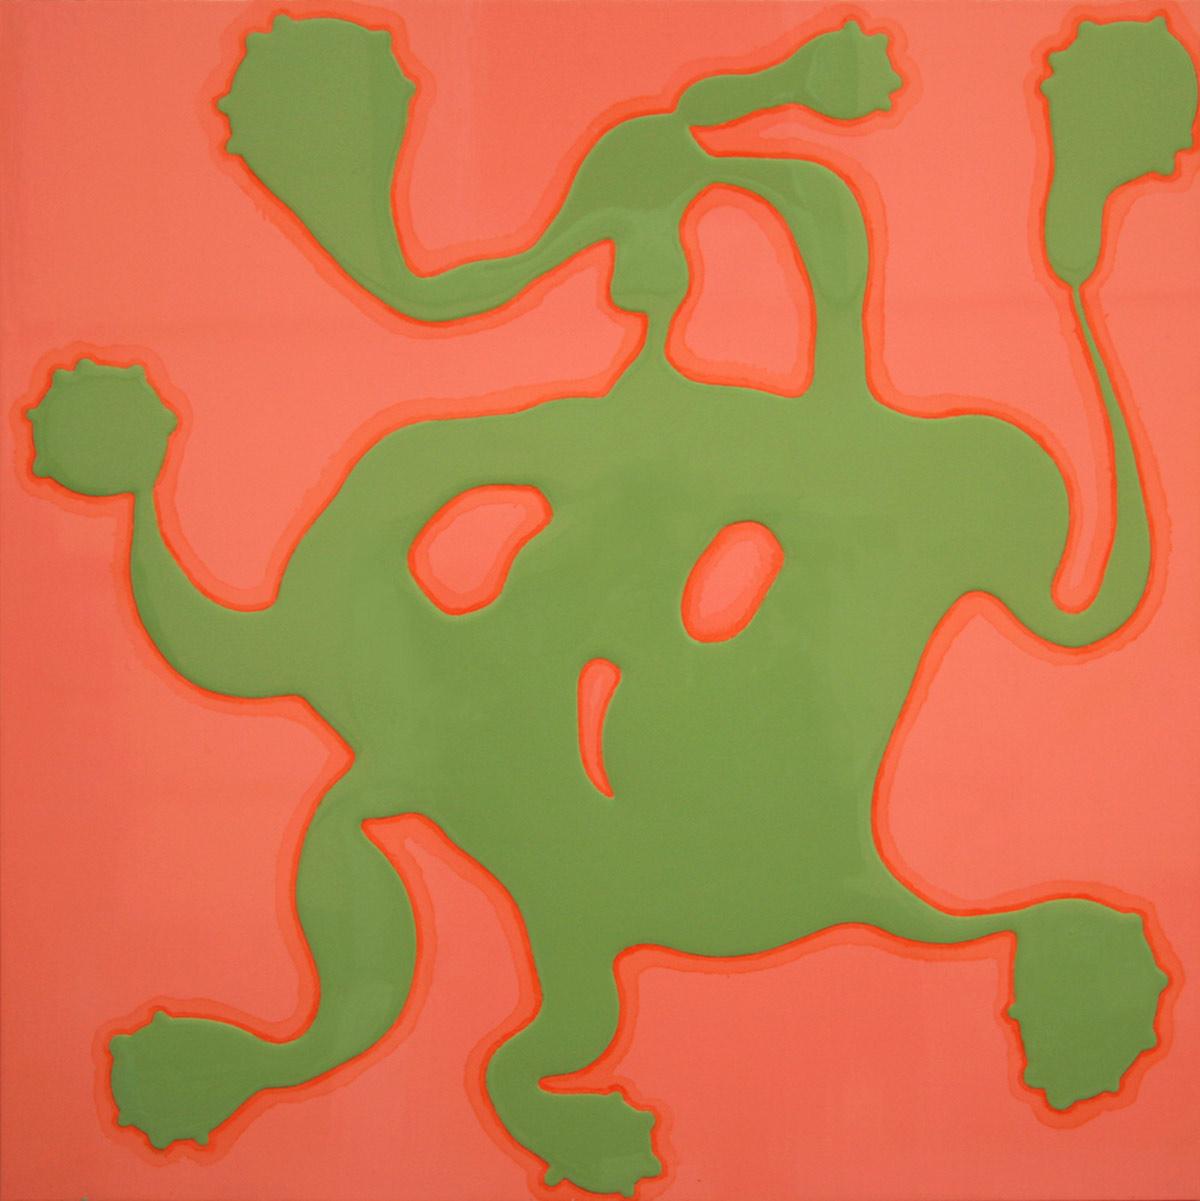 sans titre, 2002, peinture alkyfdec sur di bond, 90 x 90 cm